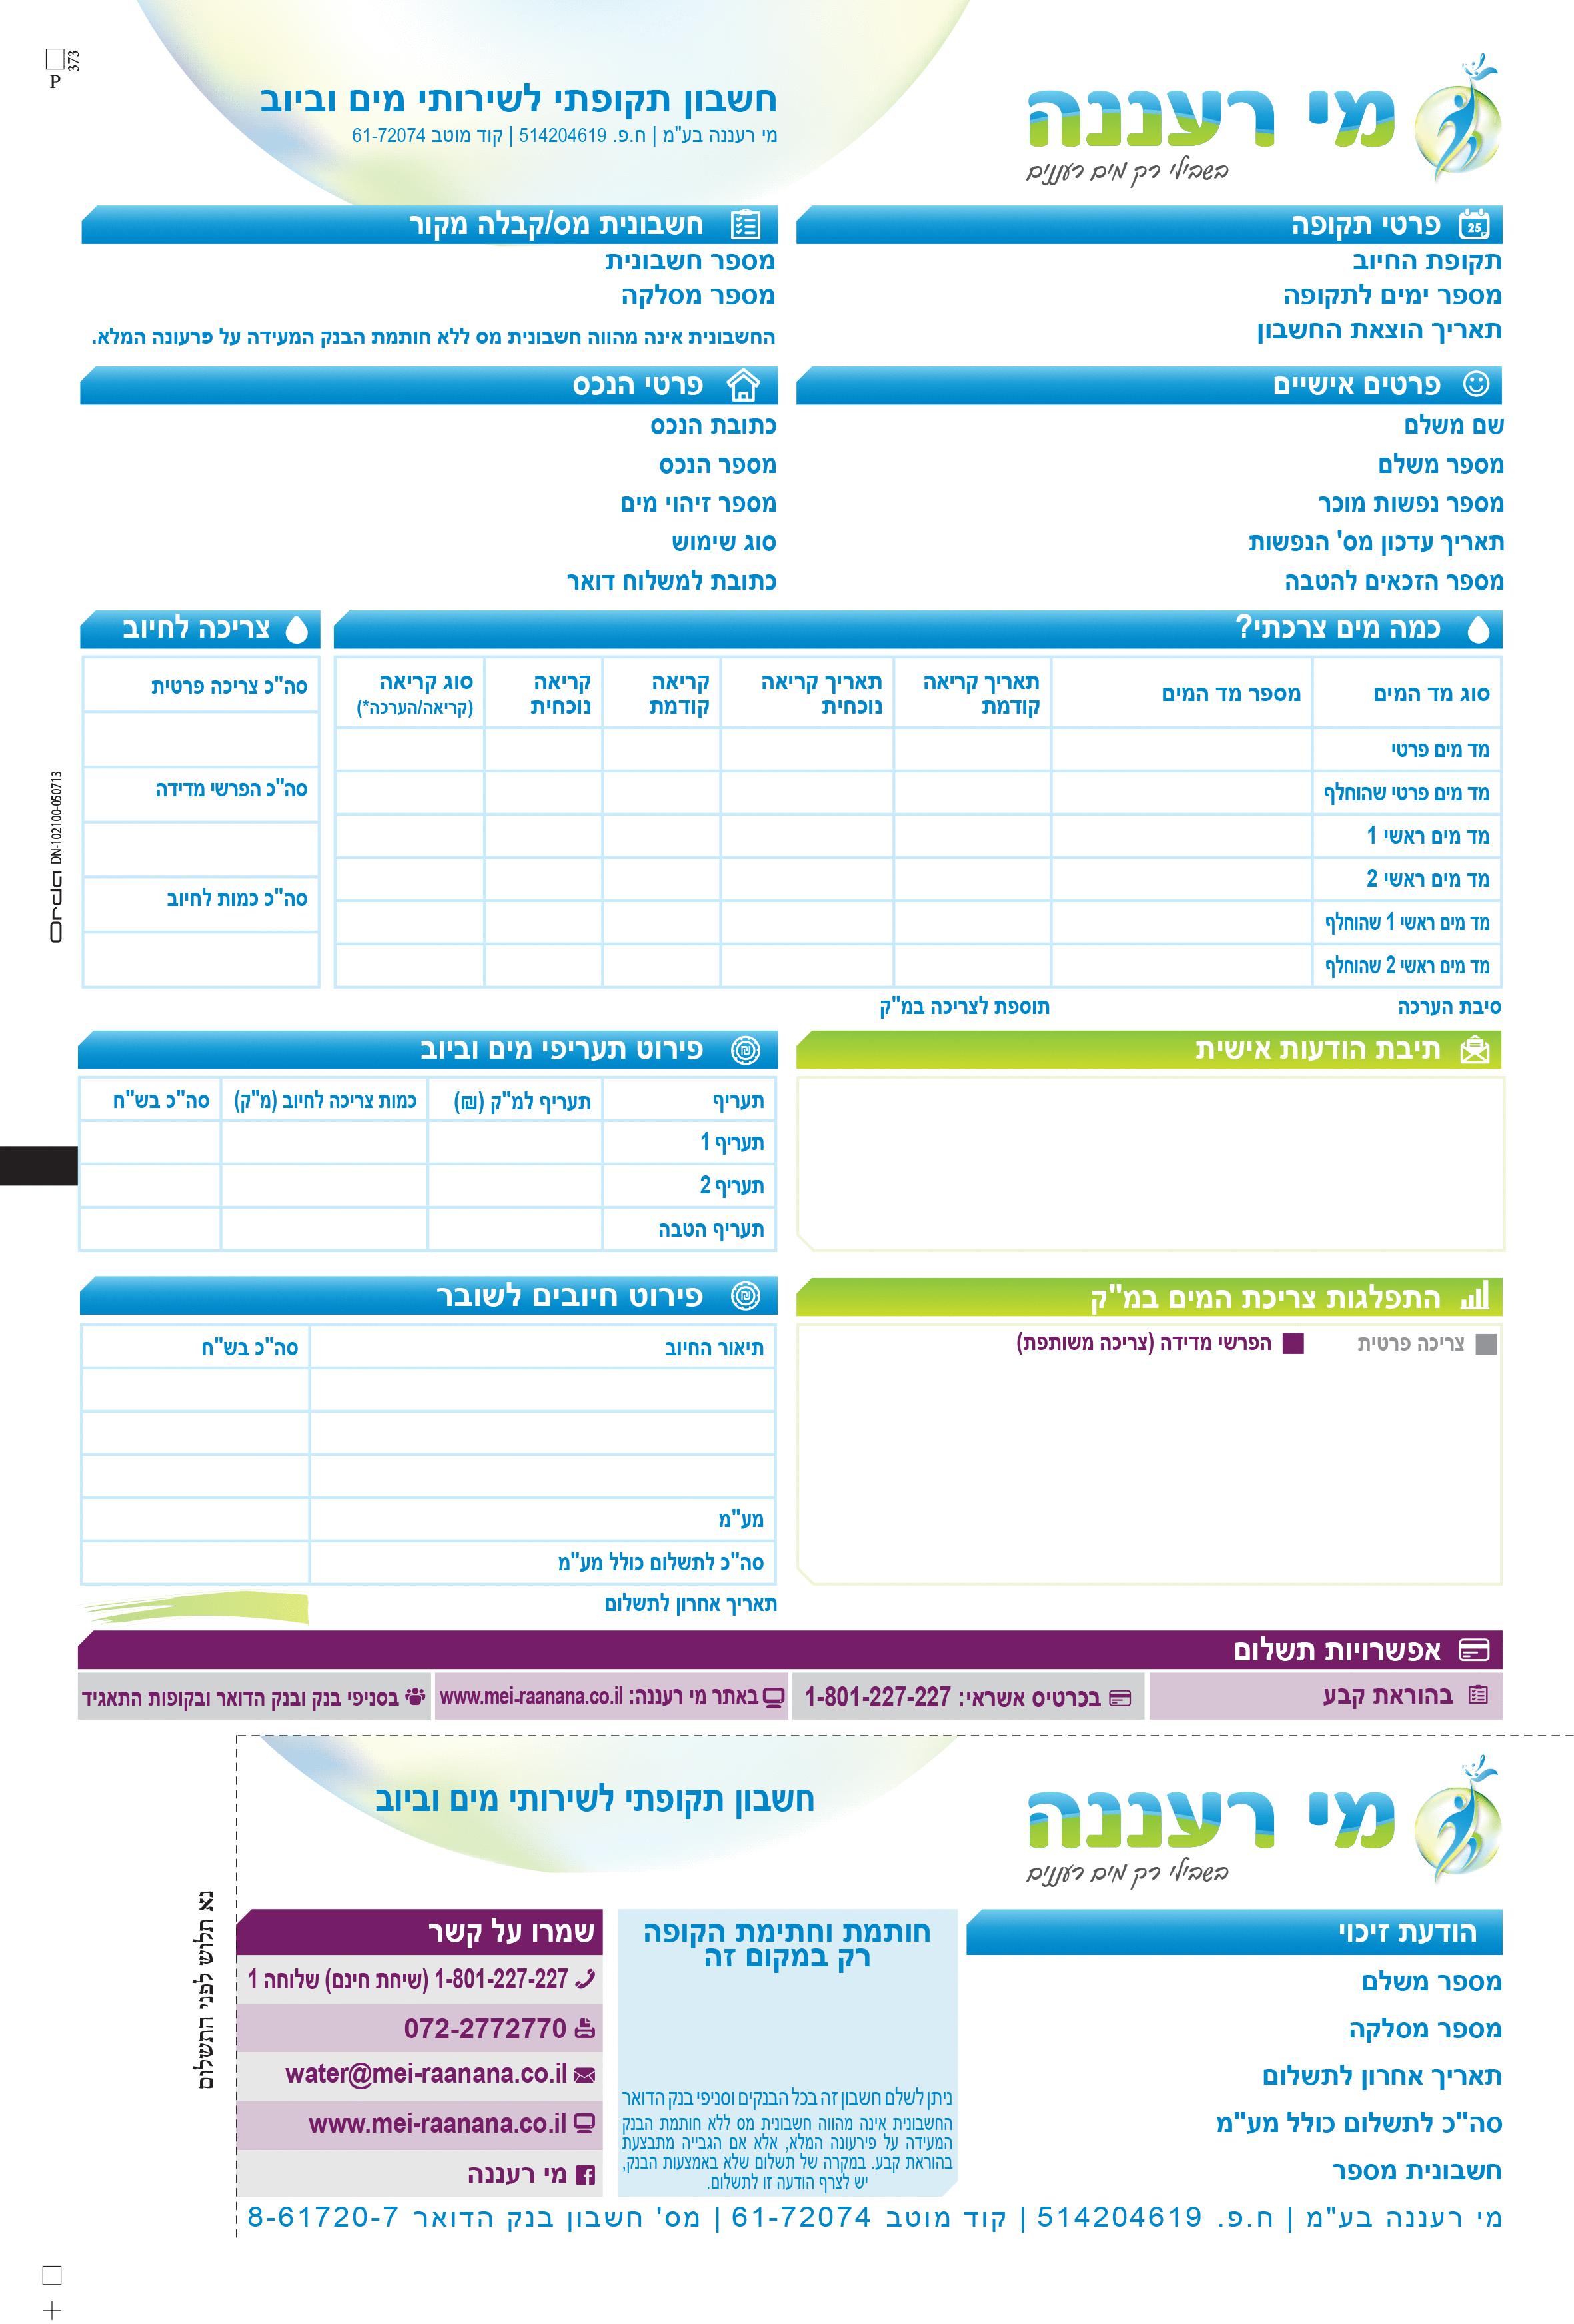 Billing form